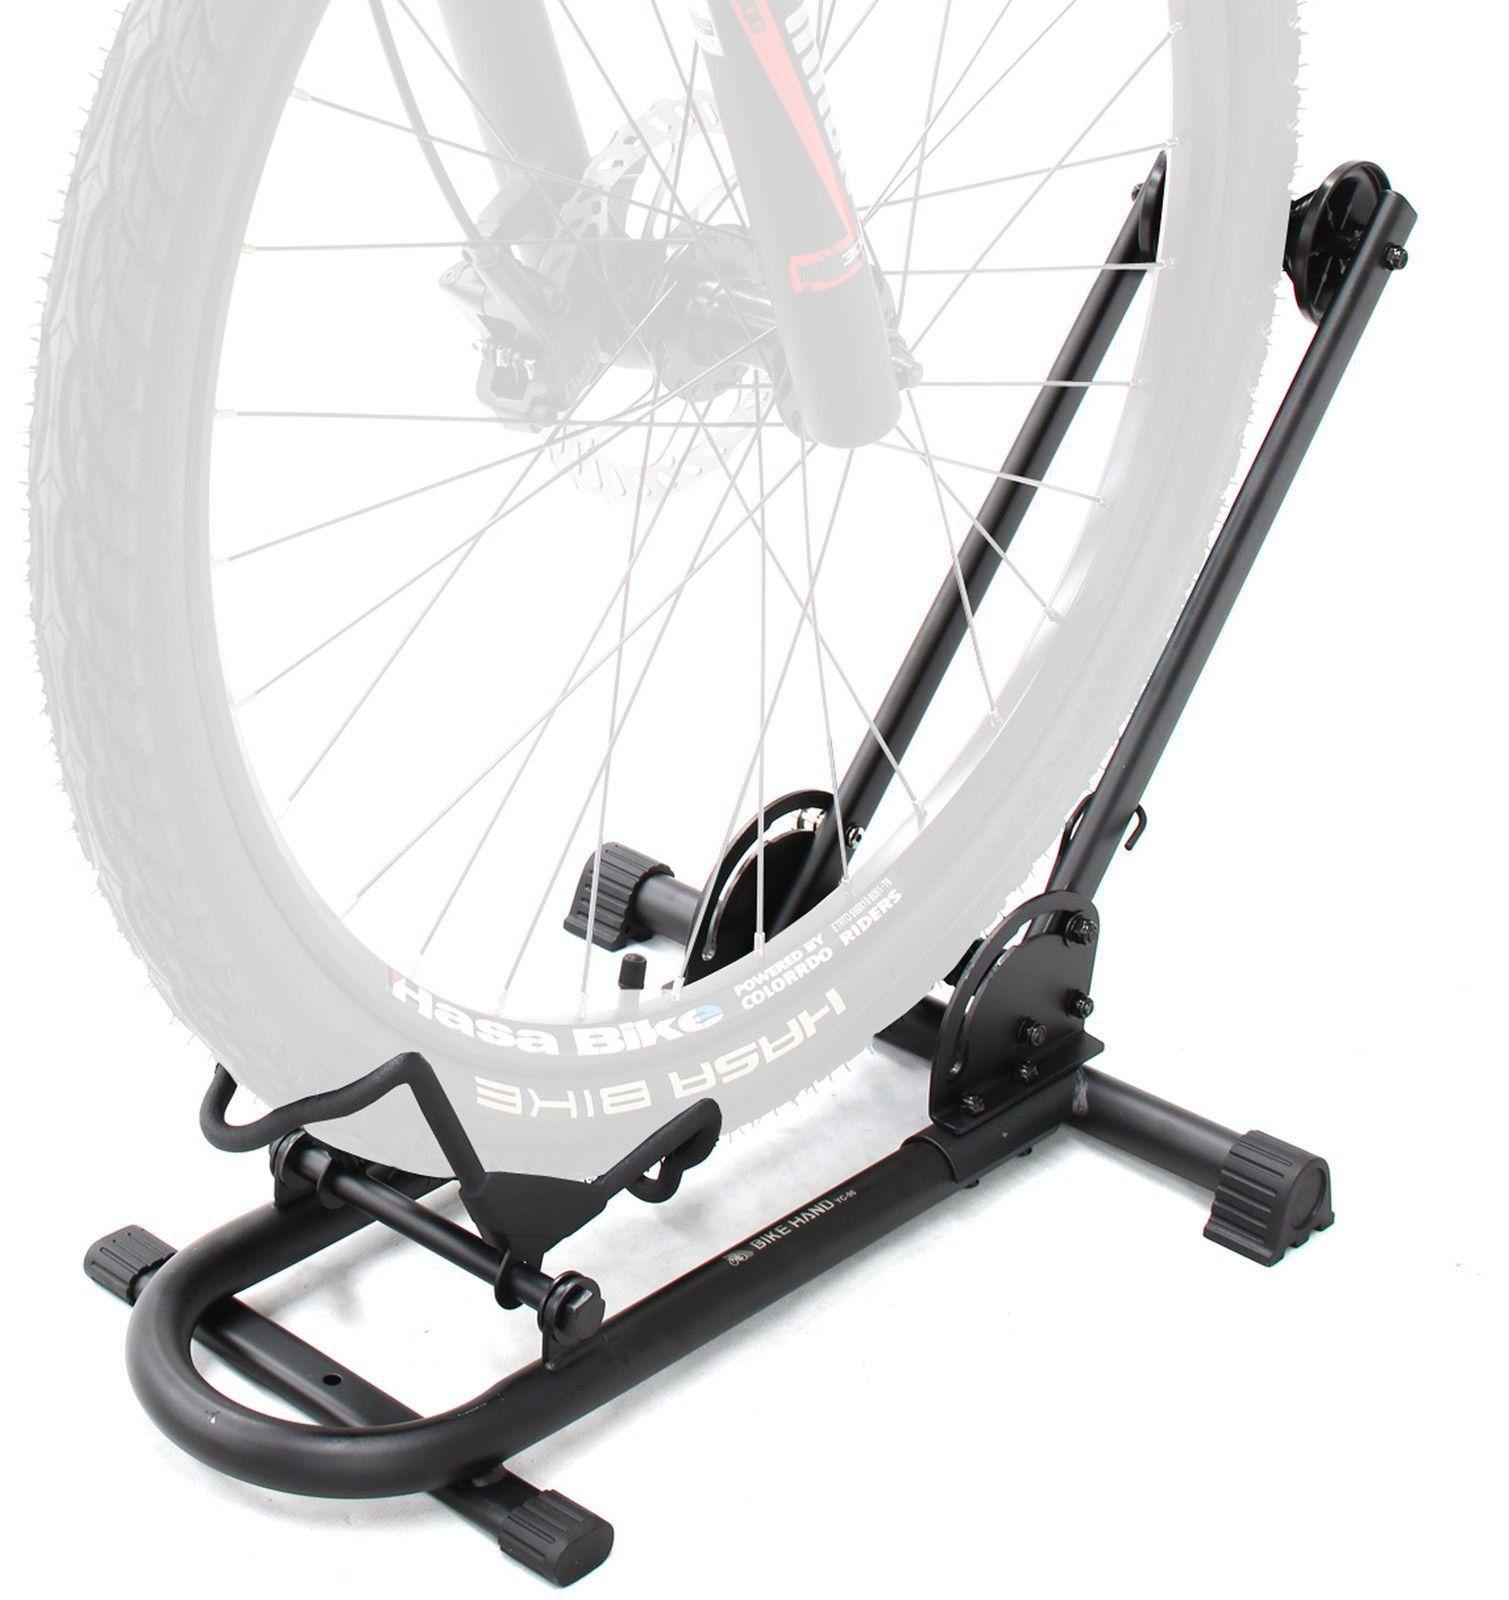 Bikehand Bike Floor Parking Rack Storage Stand Bicycle Patented Simple